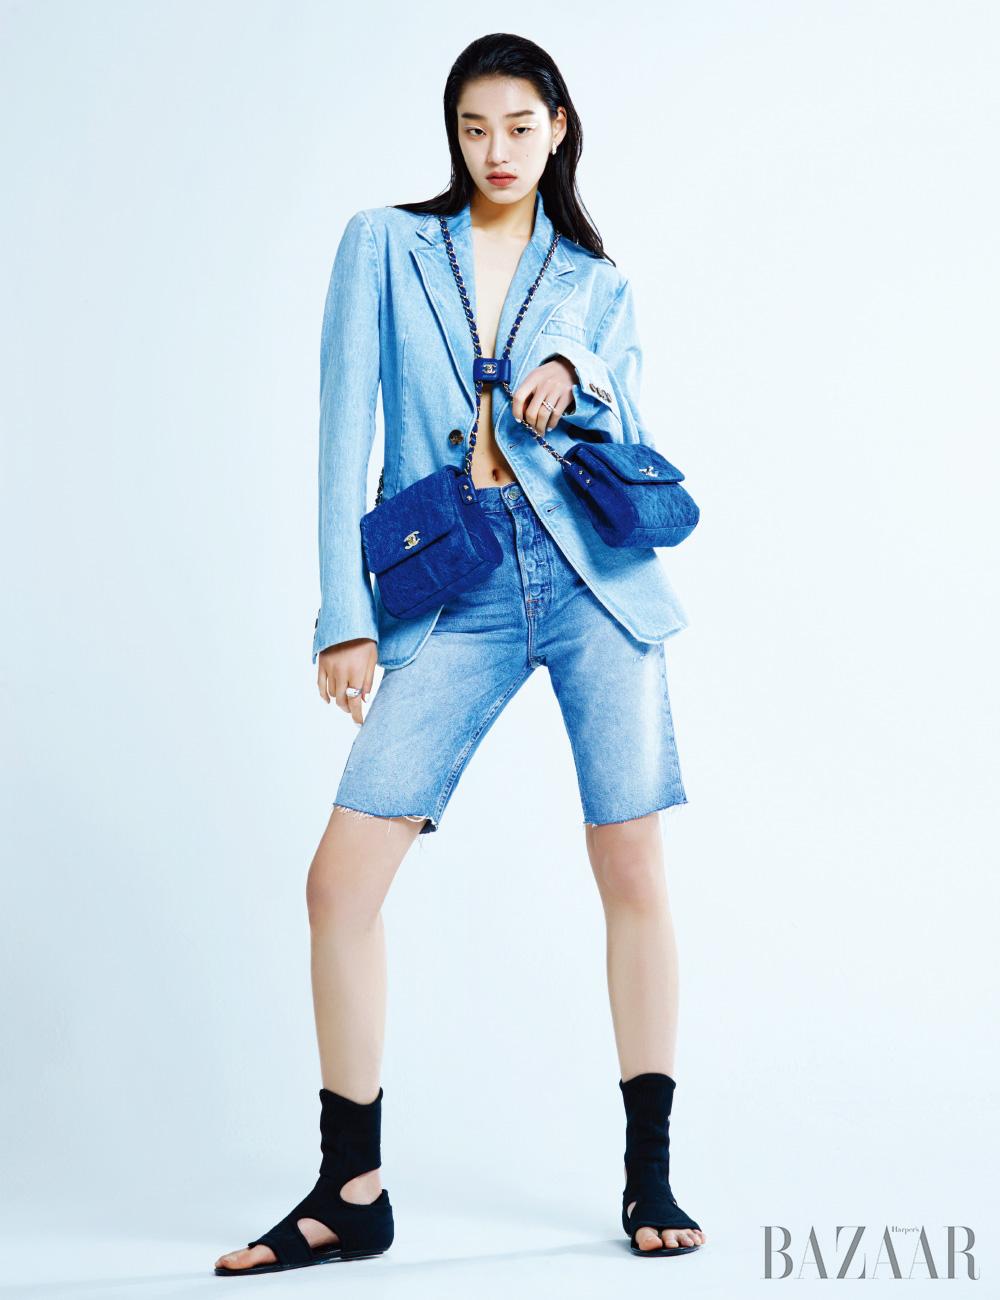 재킷은 가격 미정, 니트 오픈 토 부츠는 1백44만원 모두 Prada, 팬츠는 33만원 Grlfrnd by Mue, 귀고리는 1천4백만원대, 오른손 반지는 1천4백만원대, 왼손 반지는 7백만원대 모두 Bvlgari, 더블 데님 백은 7백만원대 Chanel.